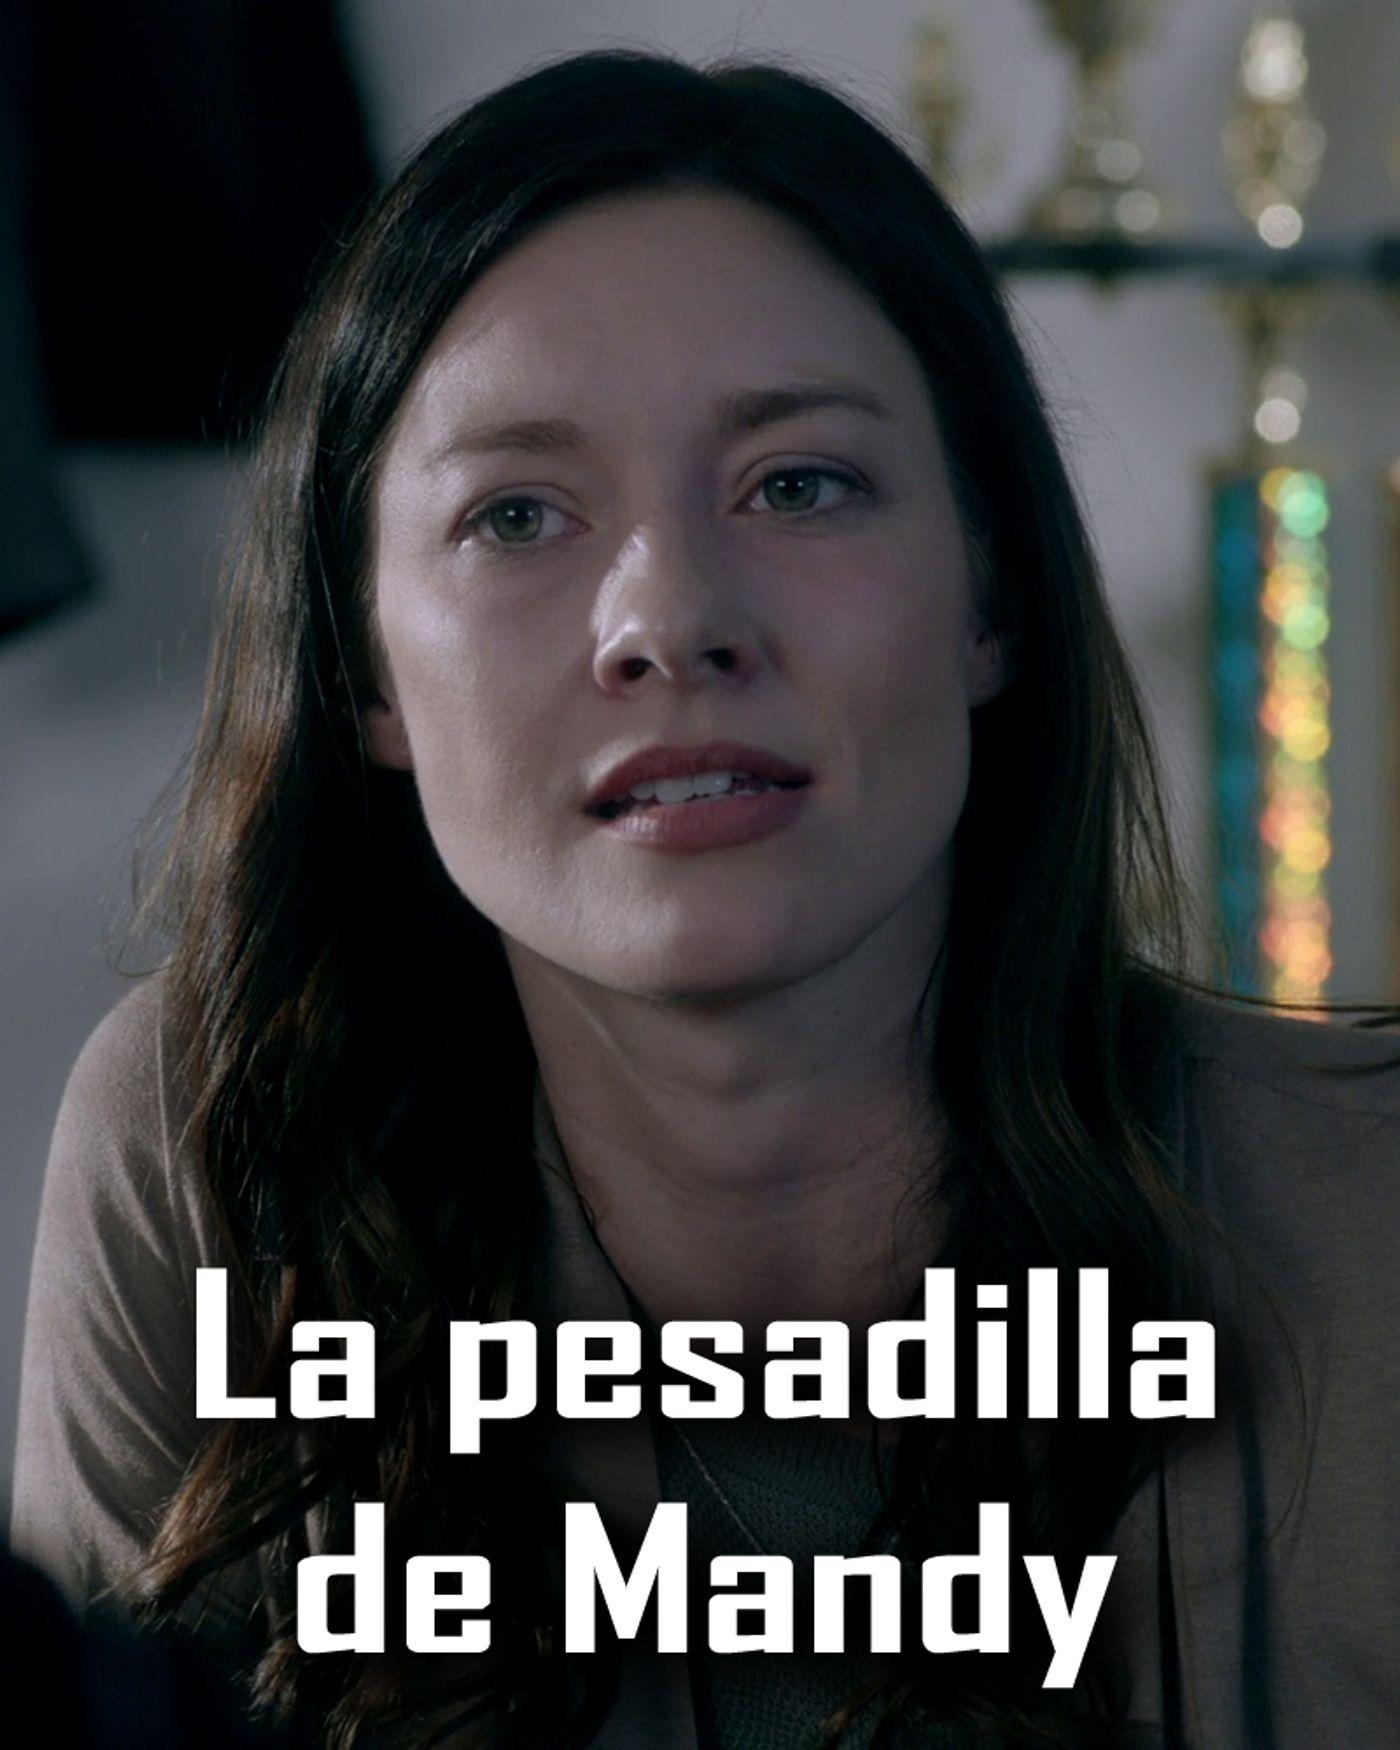 La pesadilla de Mandy